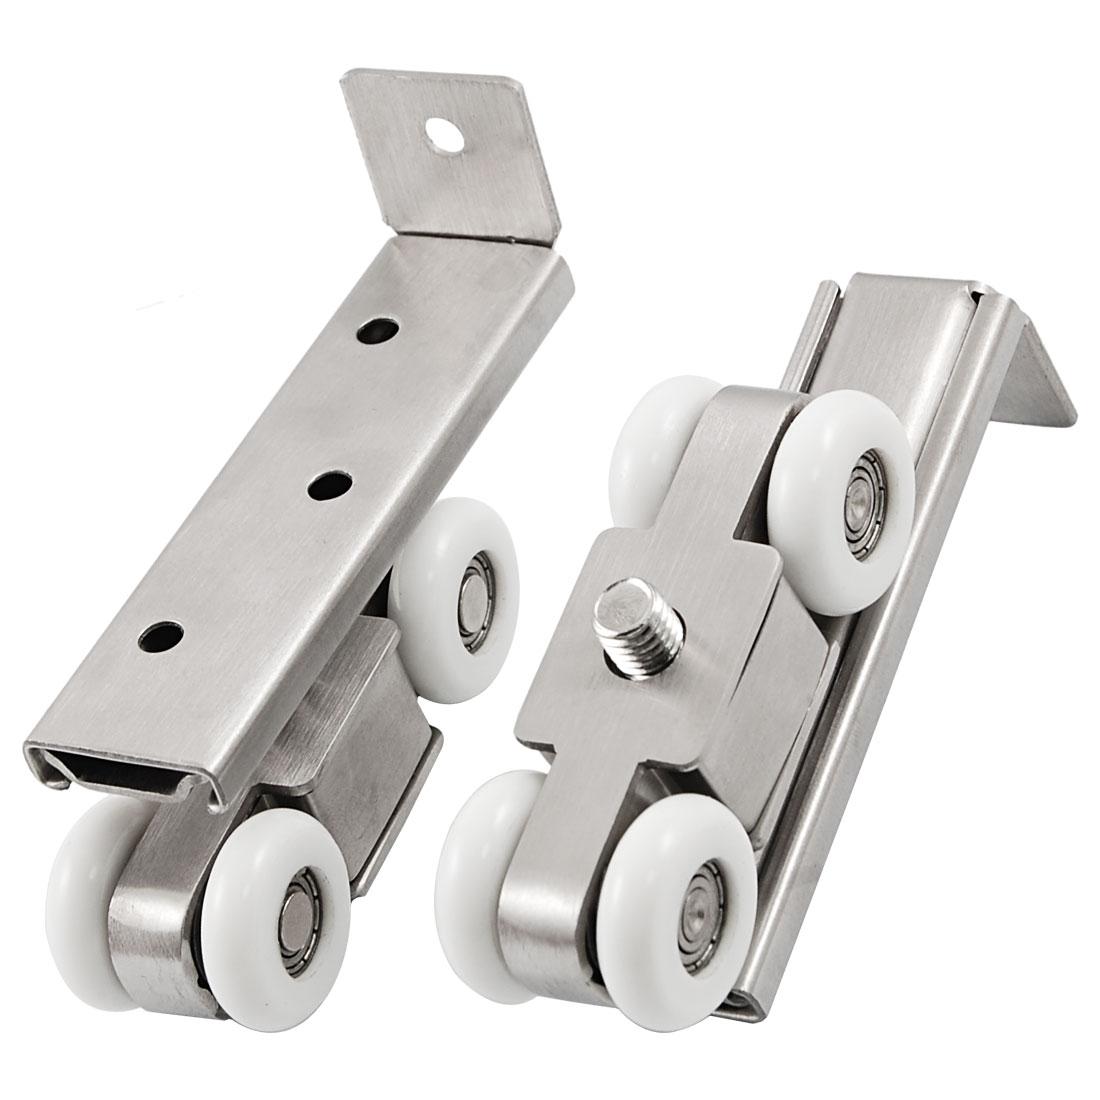 2 Pcs Stainless Steel Ceramic 2.3cm Dia Wheel Sliding Door Roller Silver Tone White